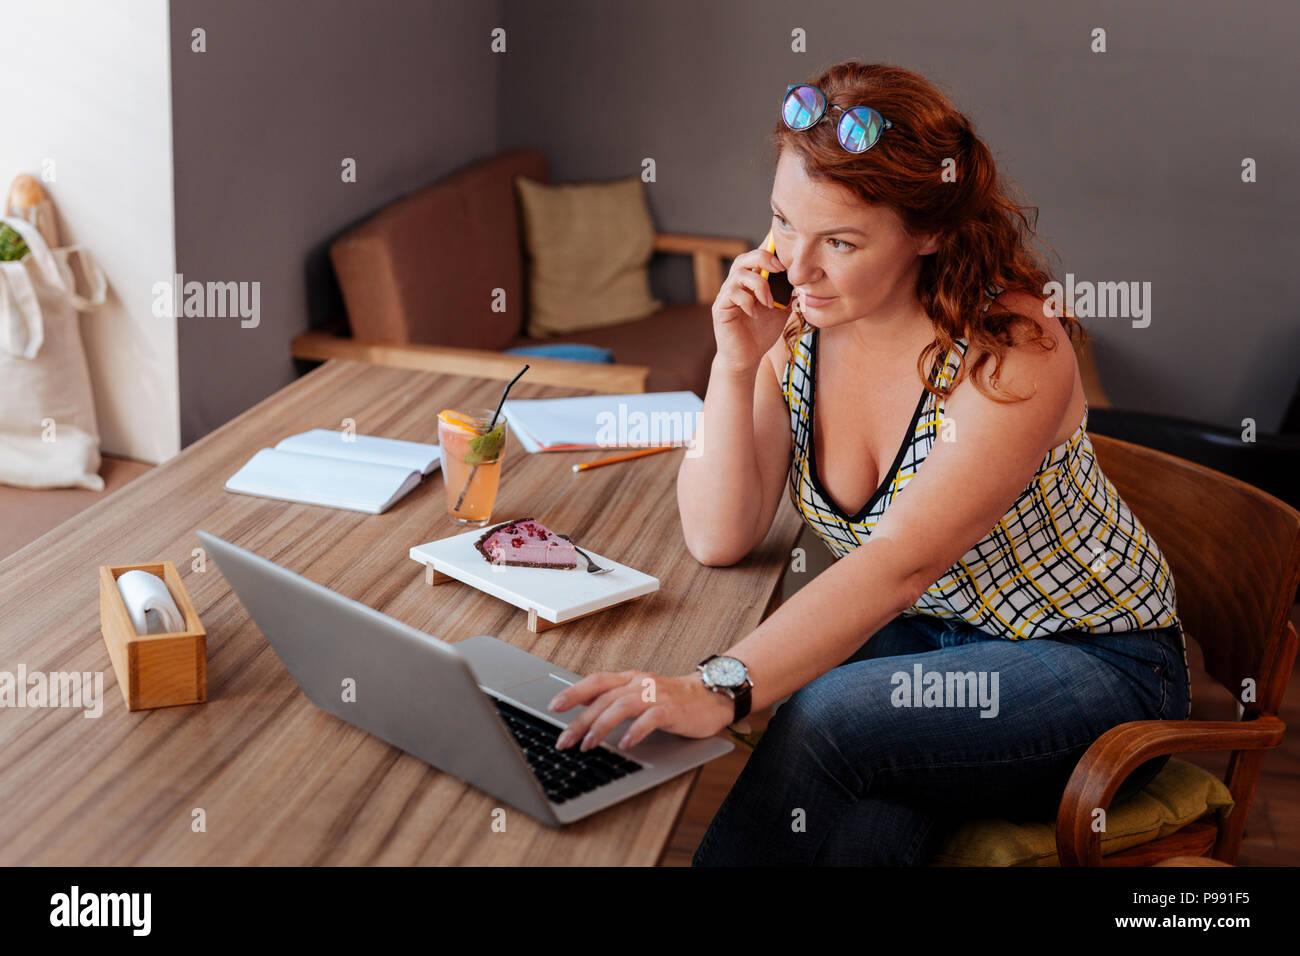 Femme d'appeler son collègue occupé tout en ayant des salles Photo Stock